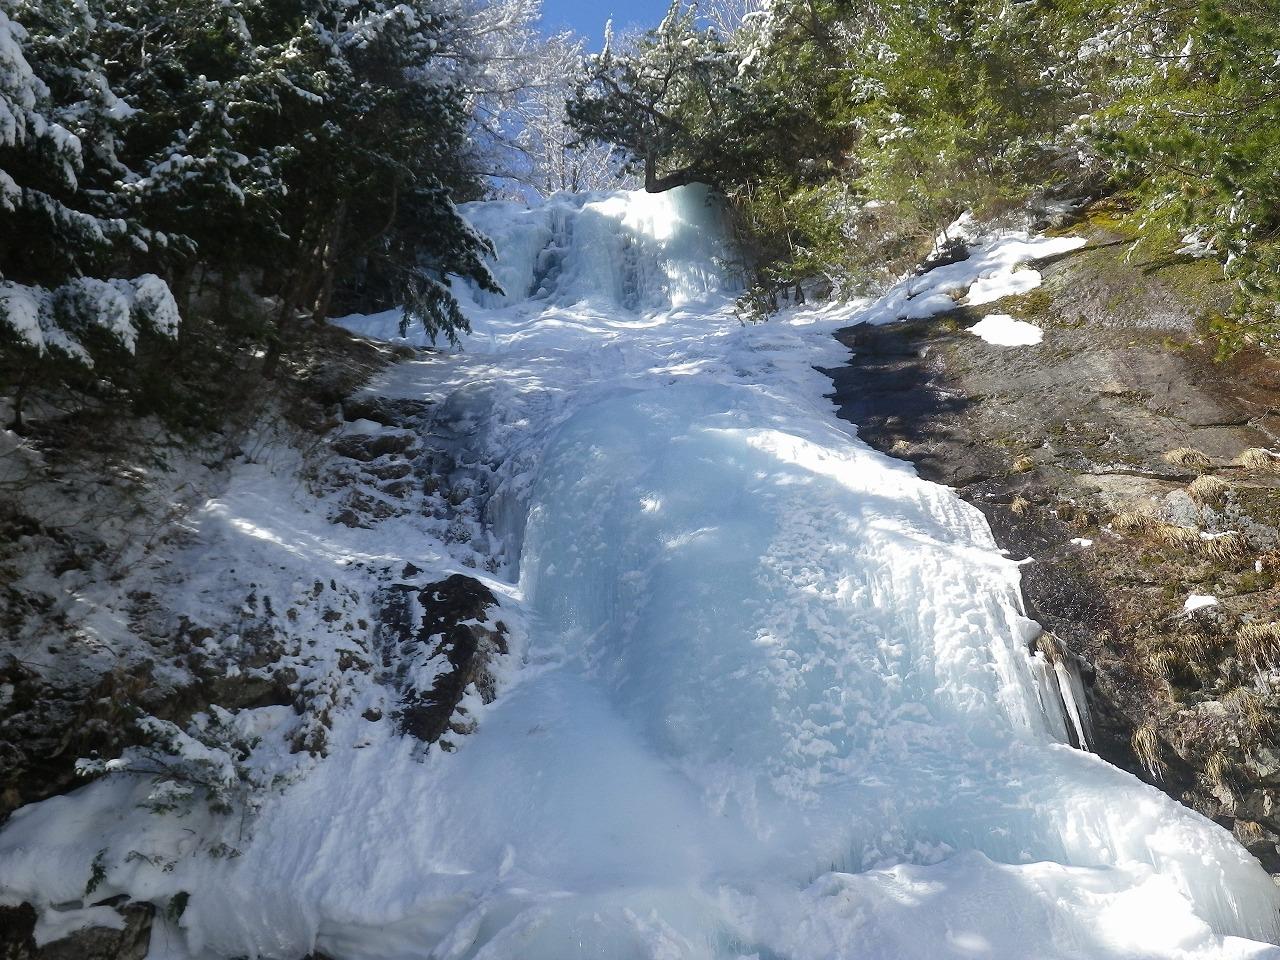 完全氷結した唐沢の滝